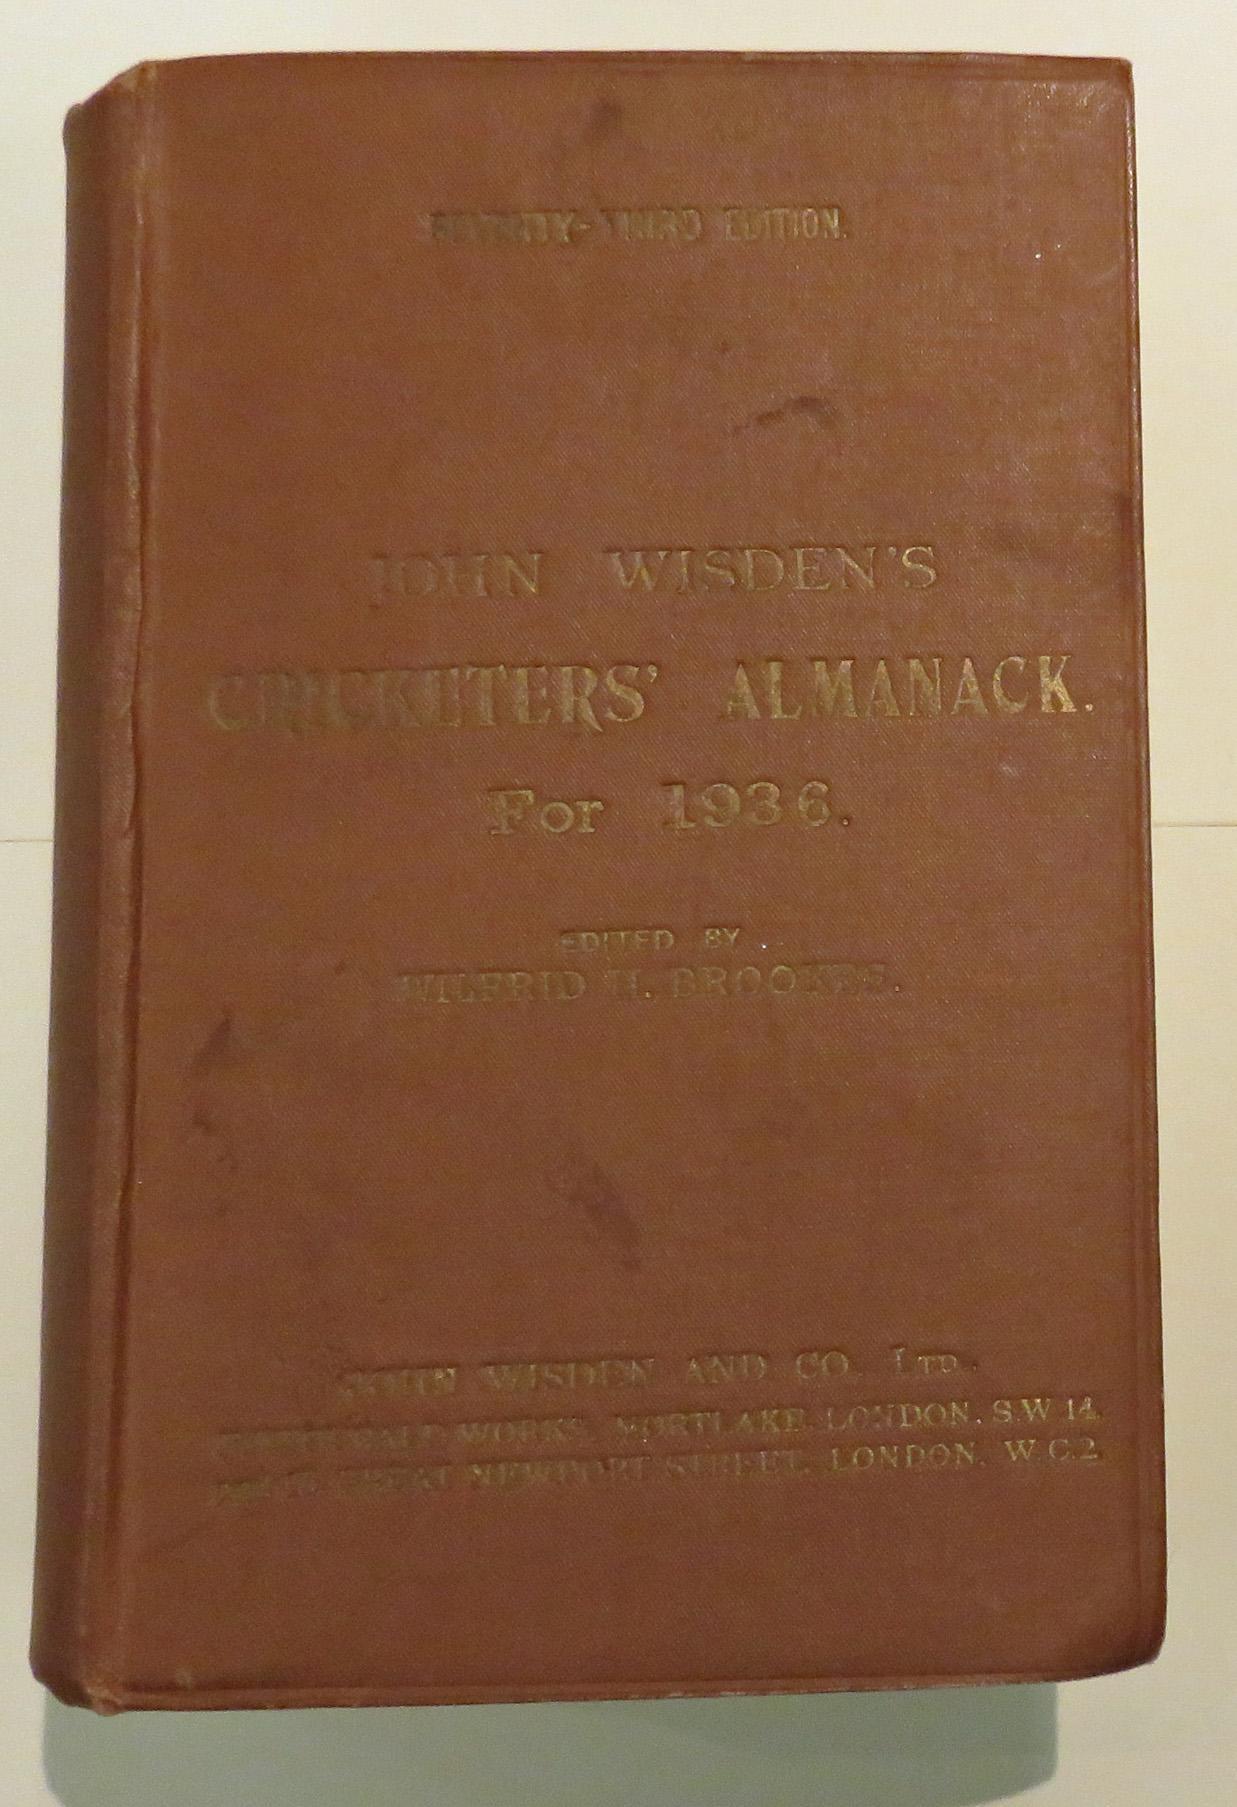 **John Wisden's Cricketers' Almanack For 1936**